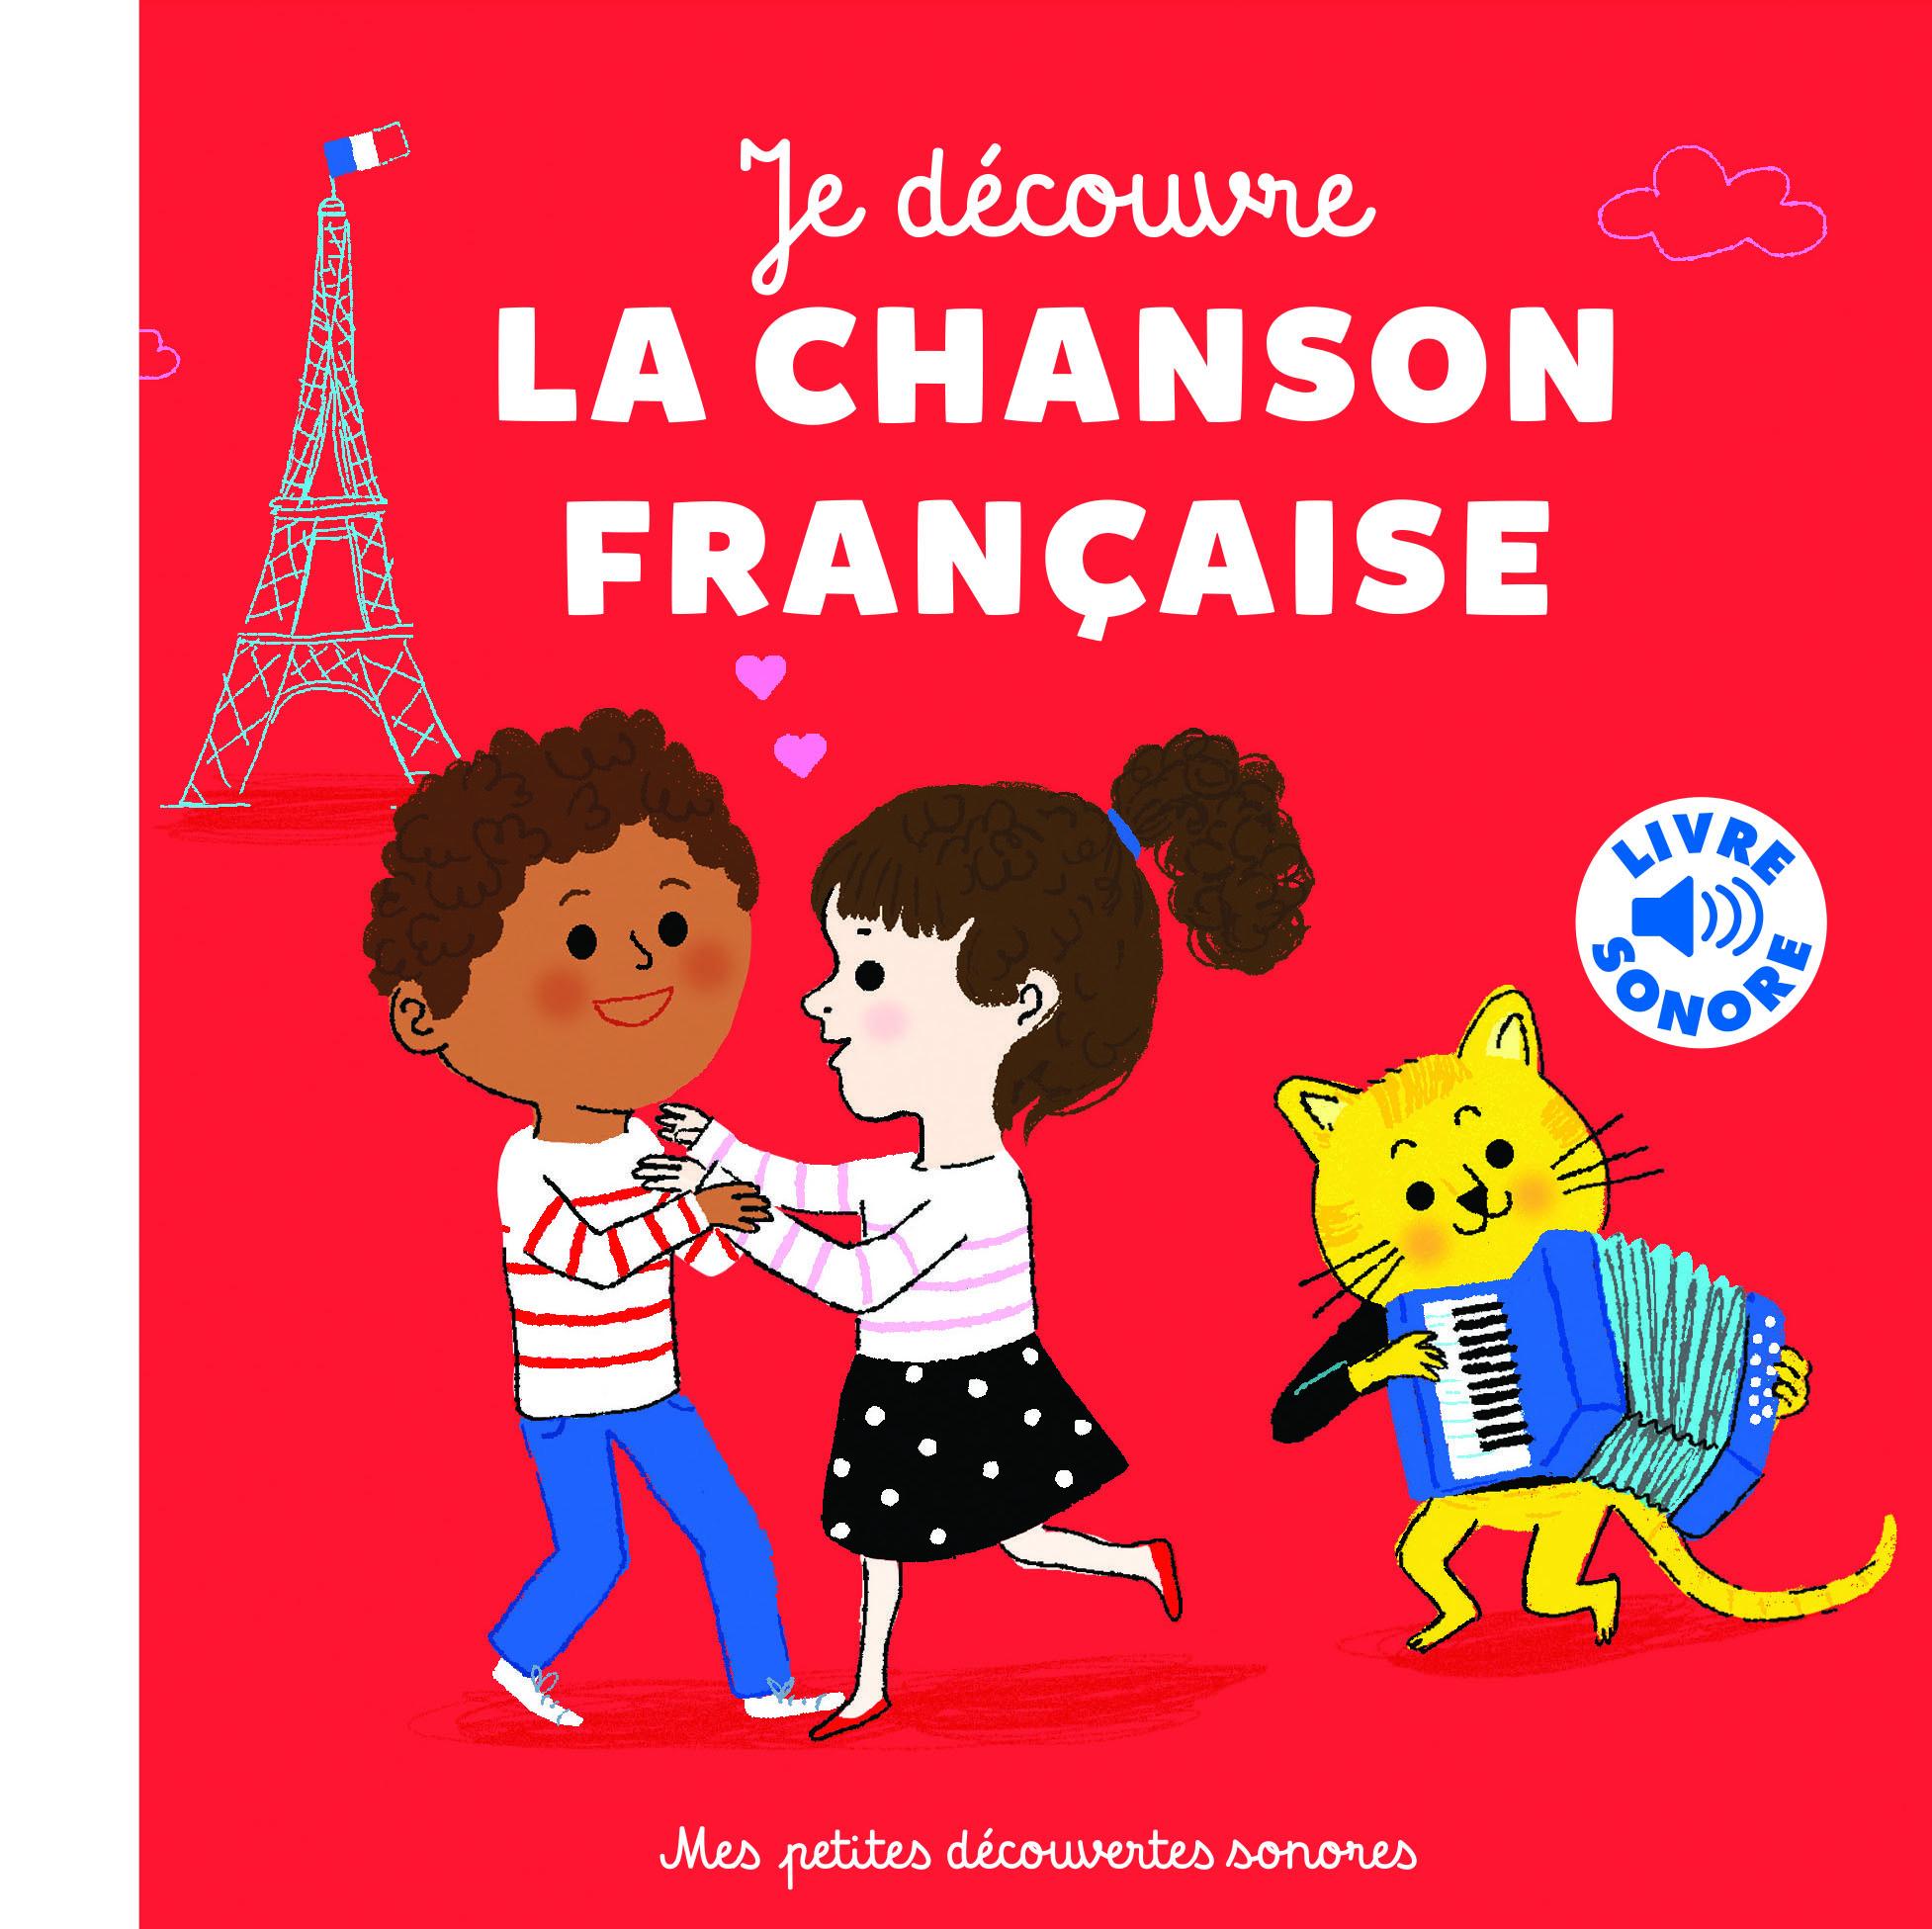 JE DECOUVRE LA CHANSON FRANCAISE